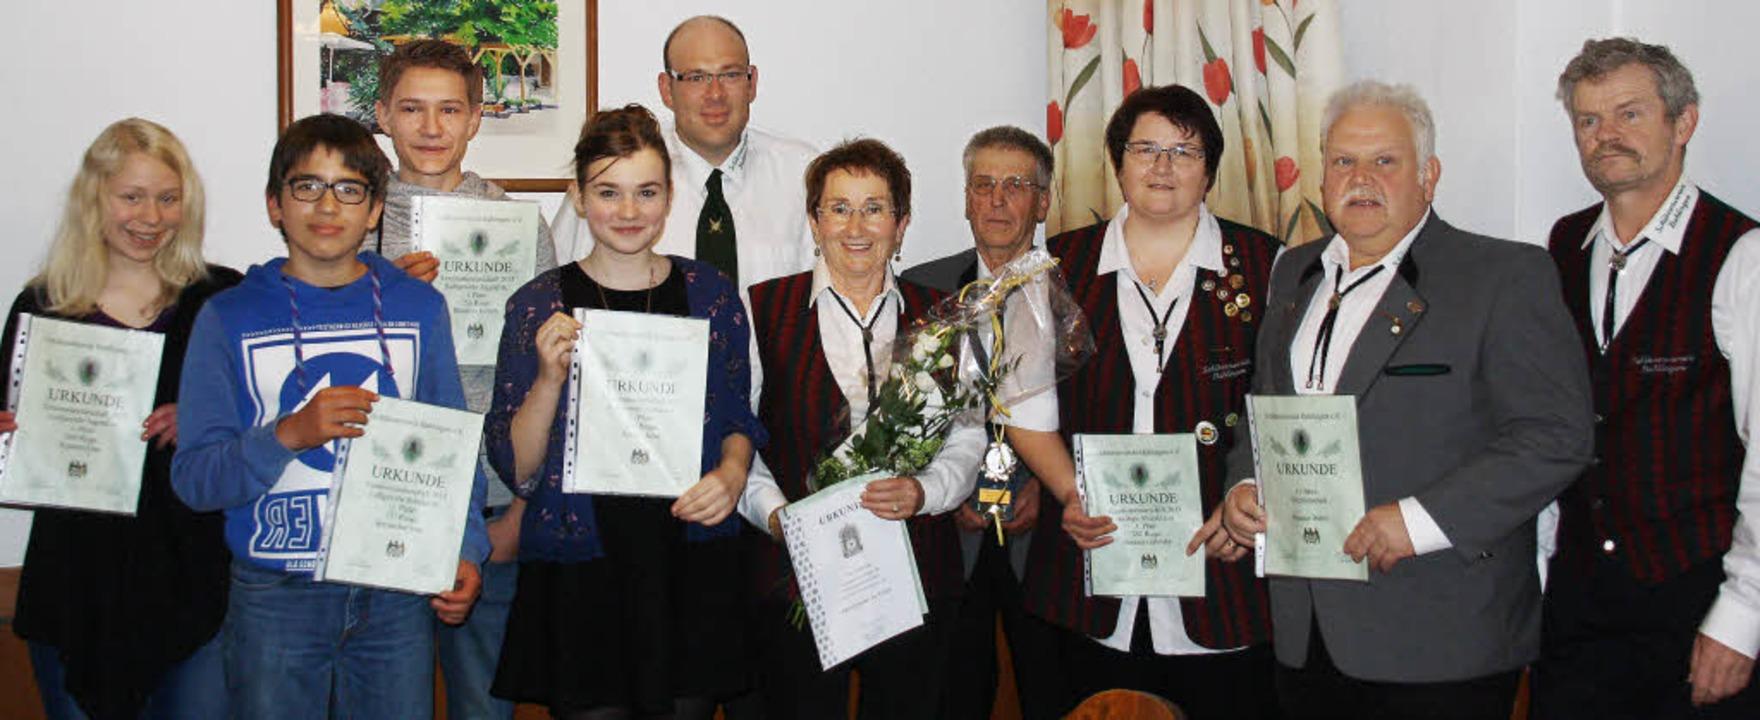 Langjährige Mitglieder und erfolgreich...uer, Bernd Sexauer und Dietmar Vögtlin  | Foto: Christiane Franz